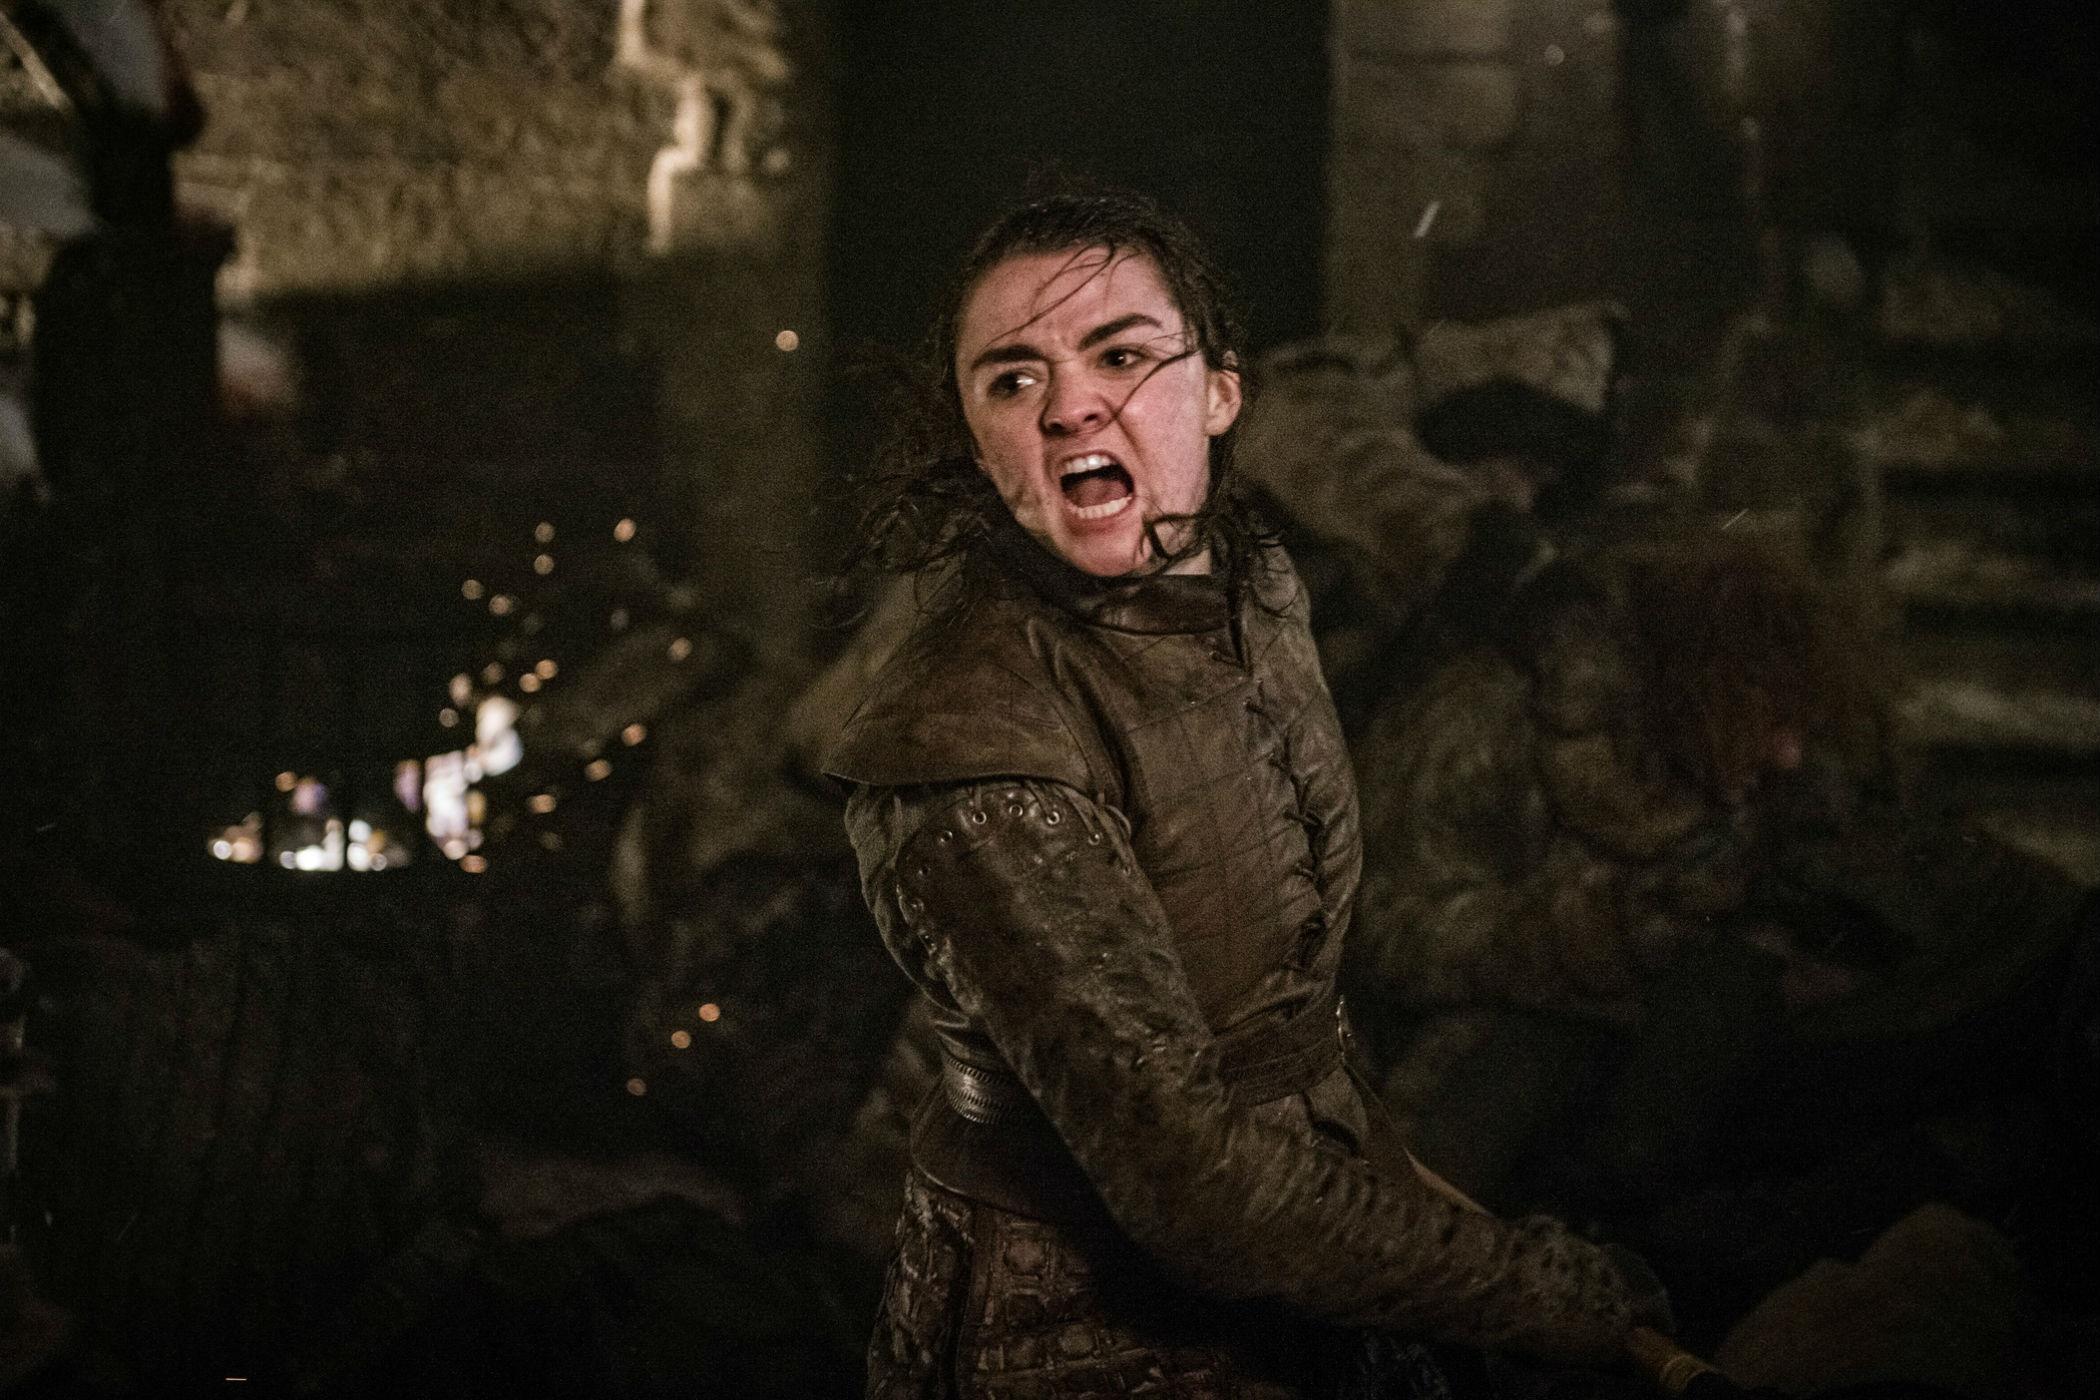 Imagem de Spoilers: o que vai acontecer no episódio final de Game of Thrones? no tecmundo